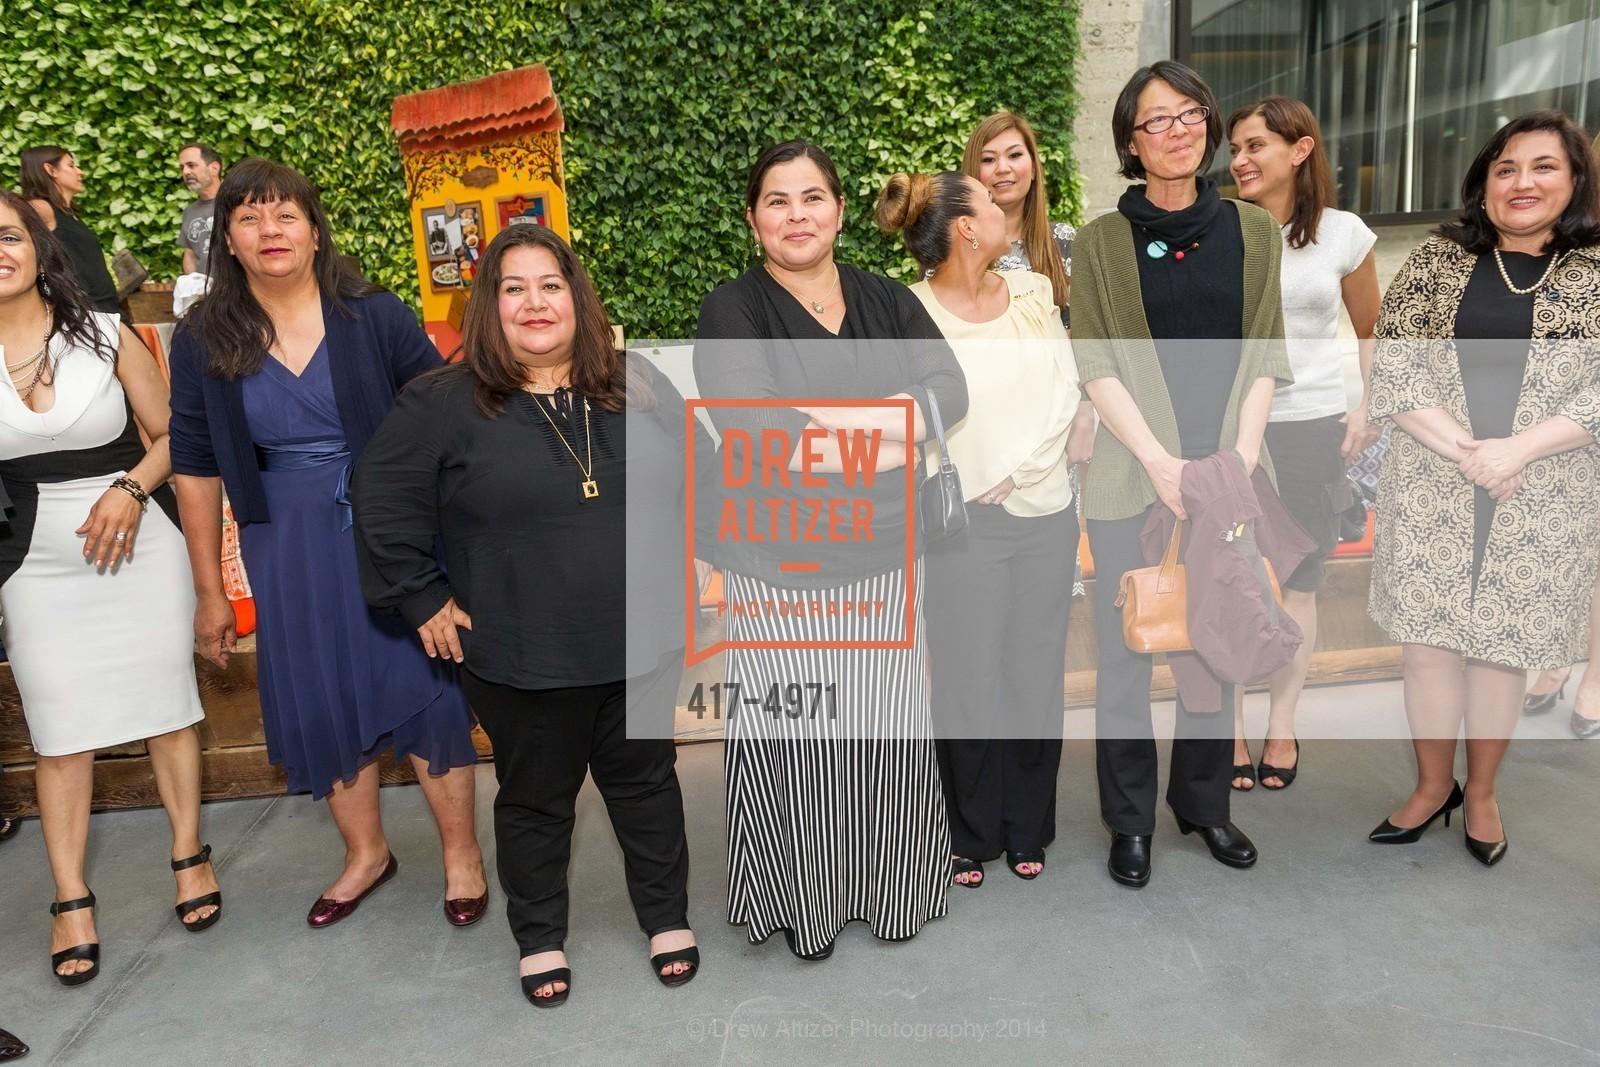 Alicia Villanueva, Vinsa Lugo, Antoinette Sanchez, ? Brenda Juarez, Photo #417-4971